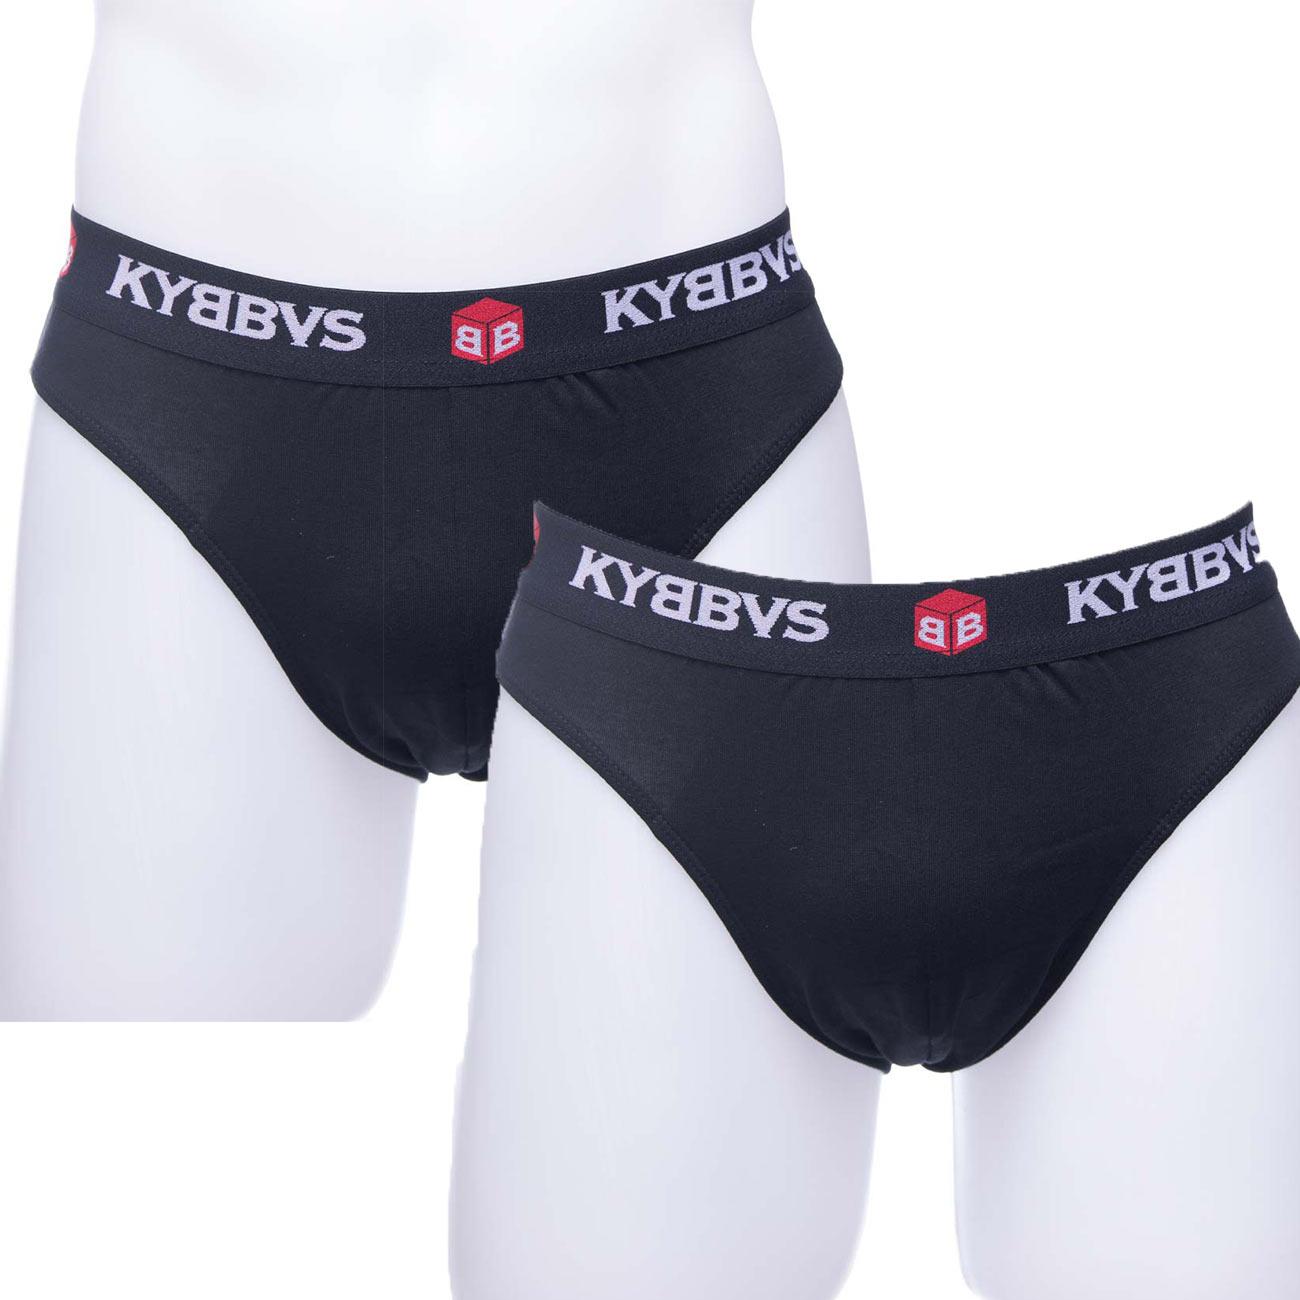 Ανδρικό slip Kybbus 901 - 2 pack μπλε σκούρο - γκρι ανοιχτό